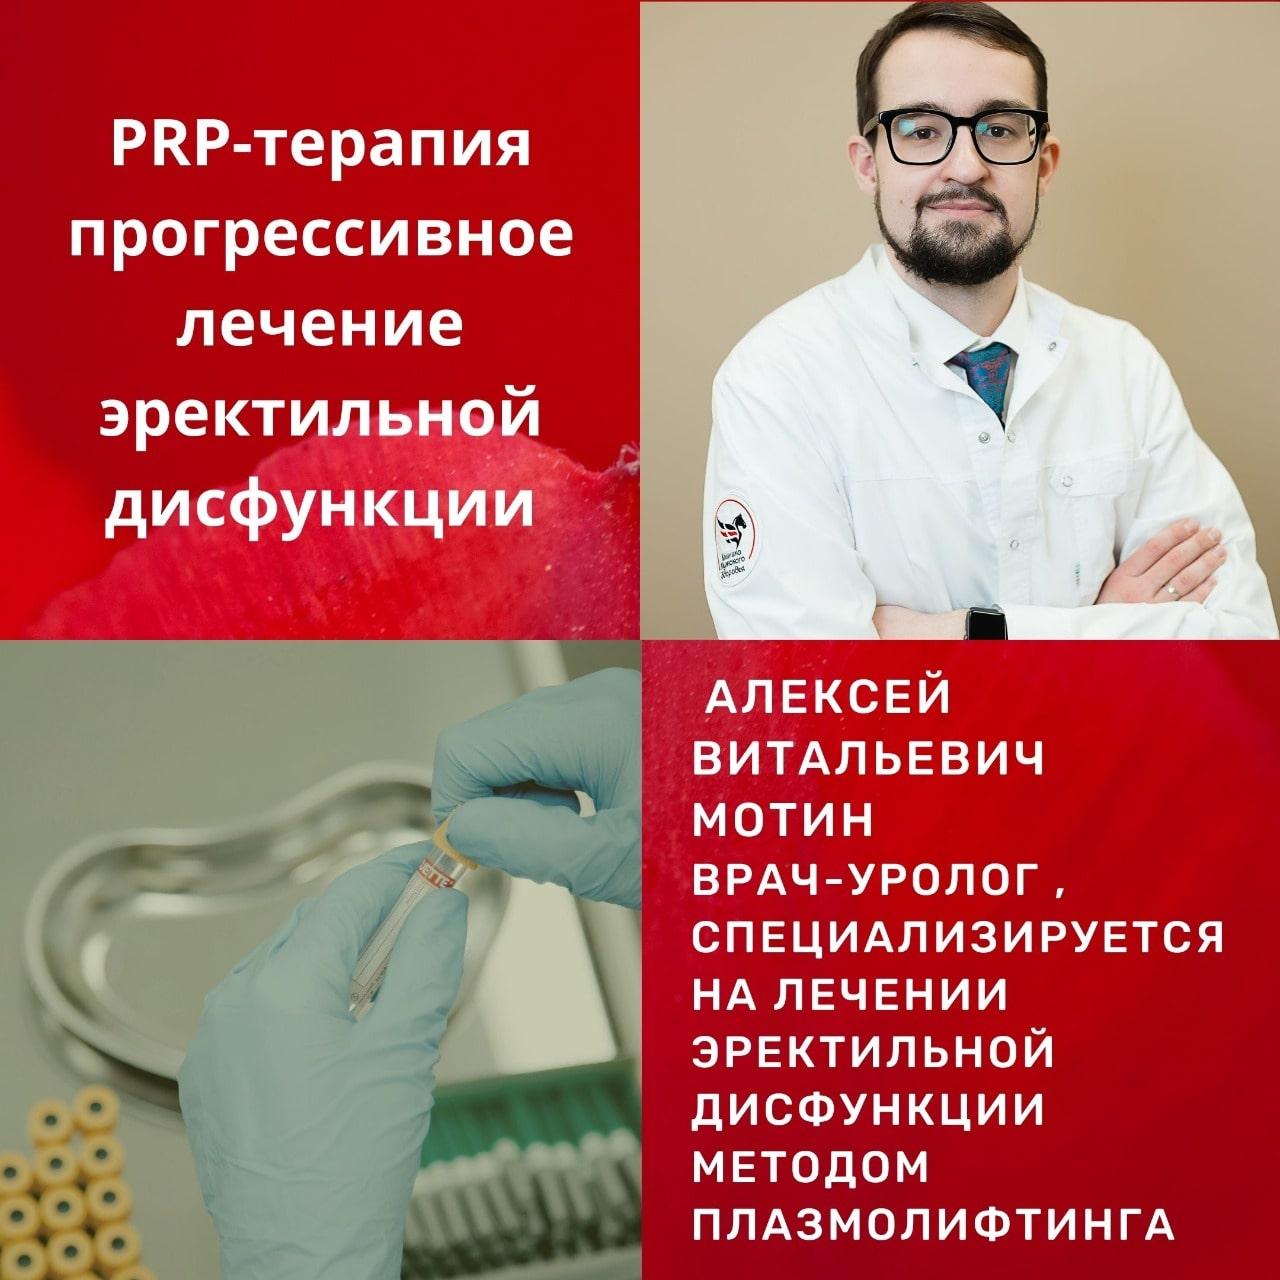 PRP-терапия против эректильной дисфункции